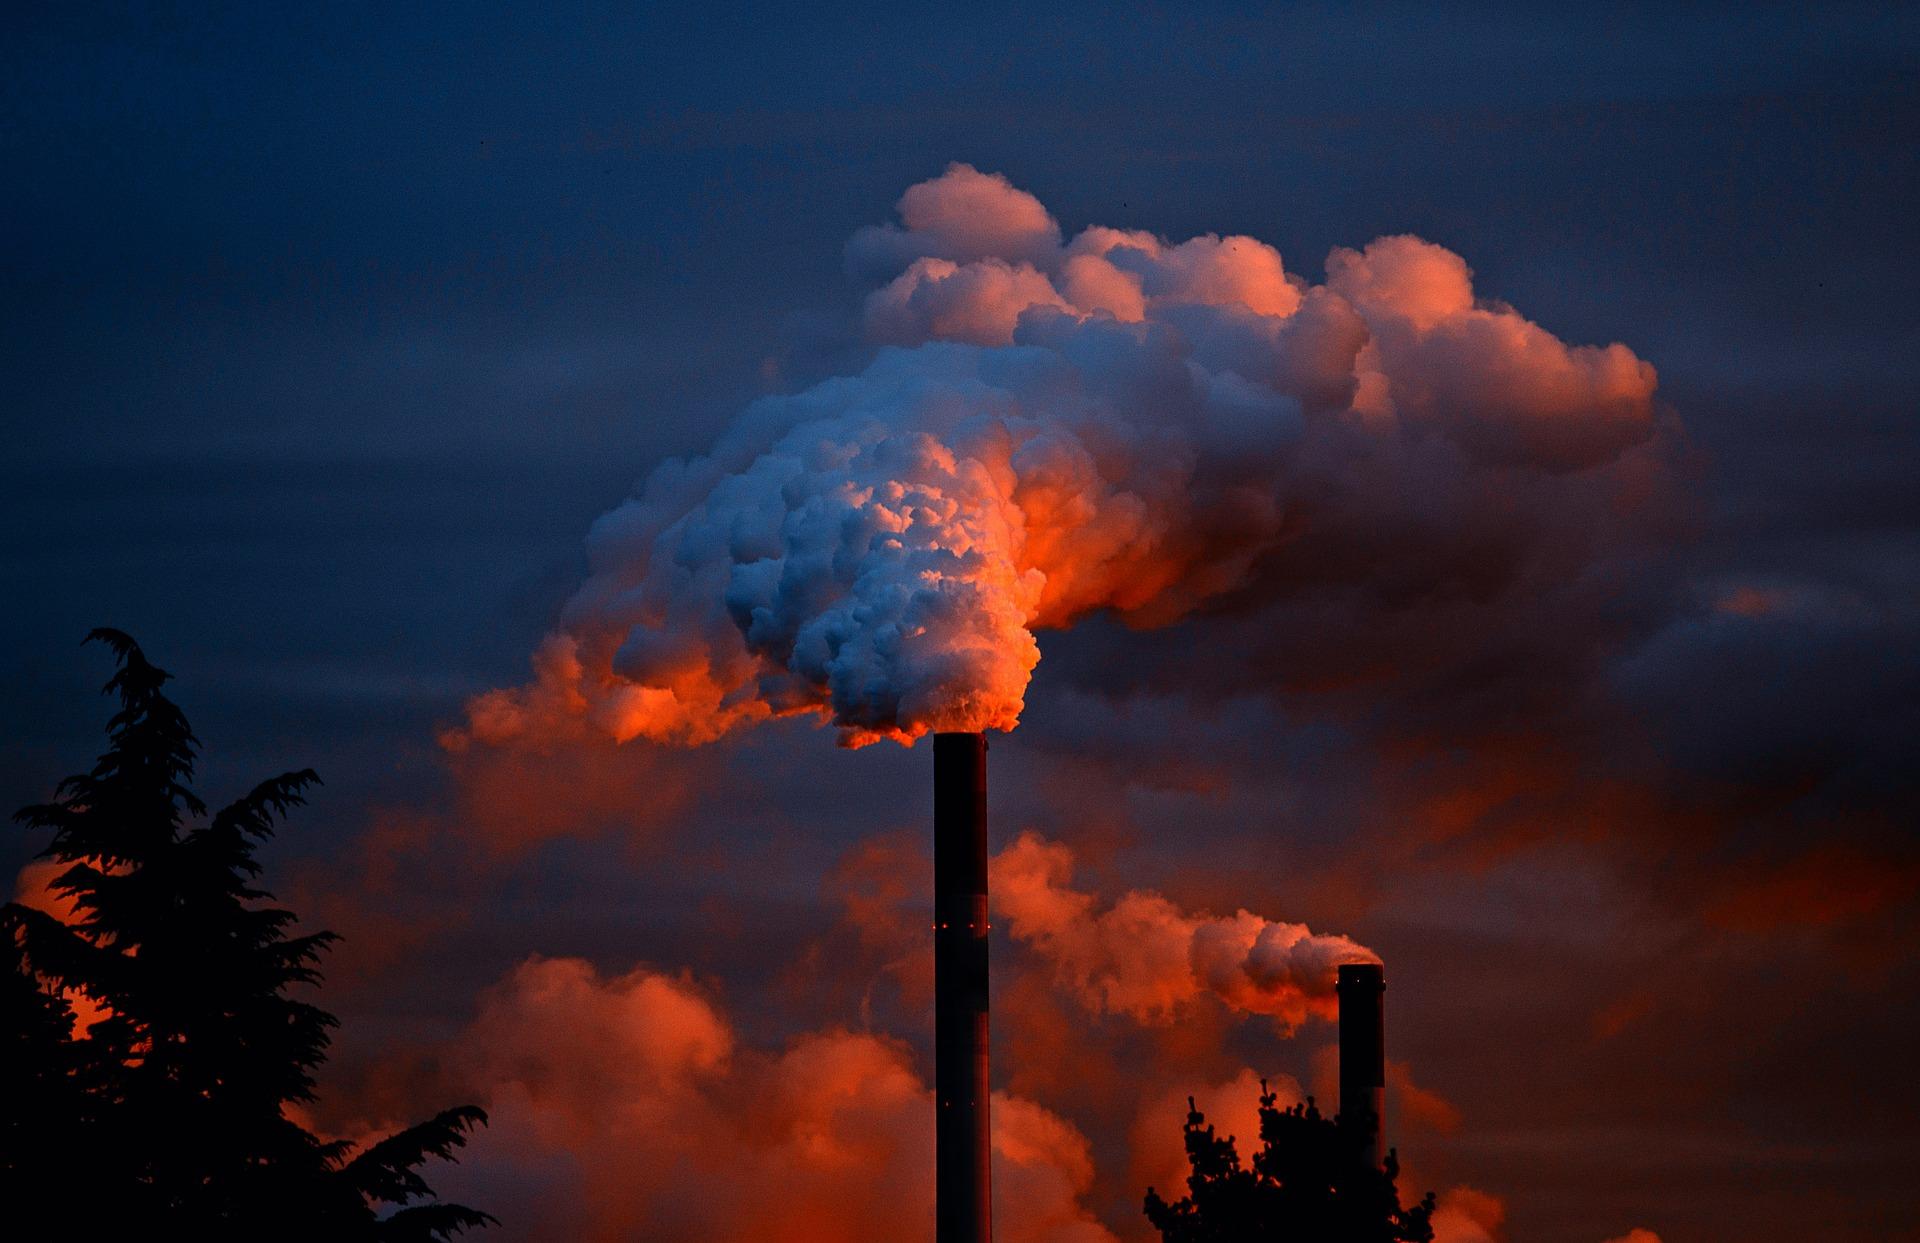 工場の煙突と煙